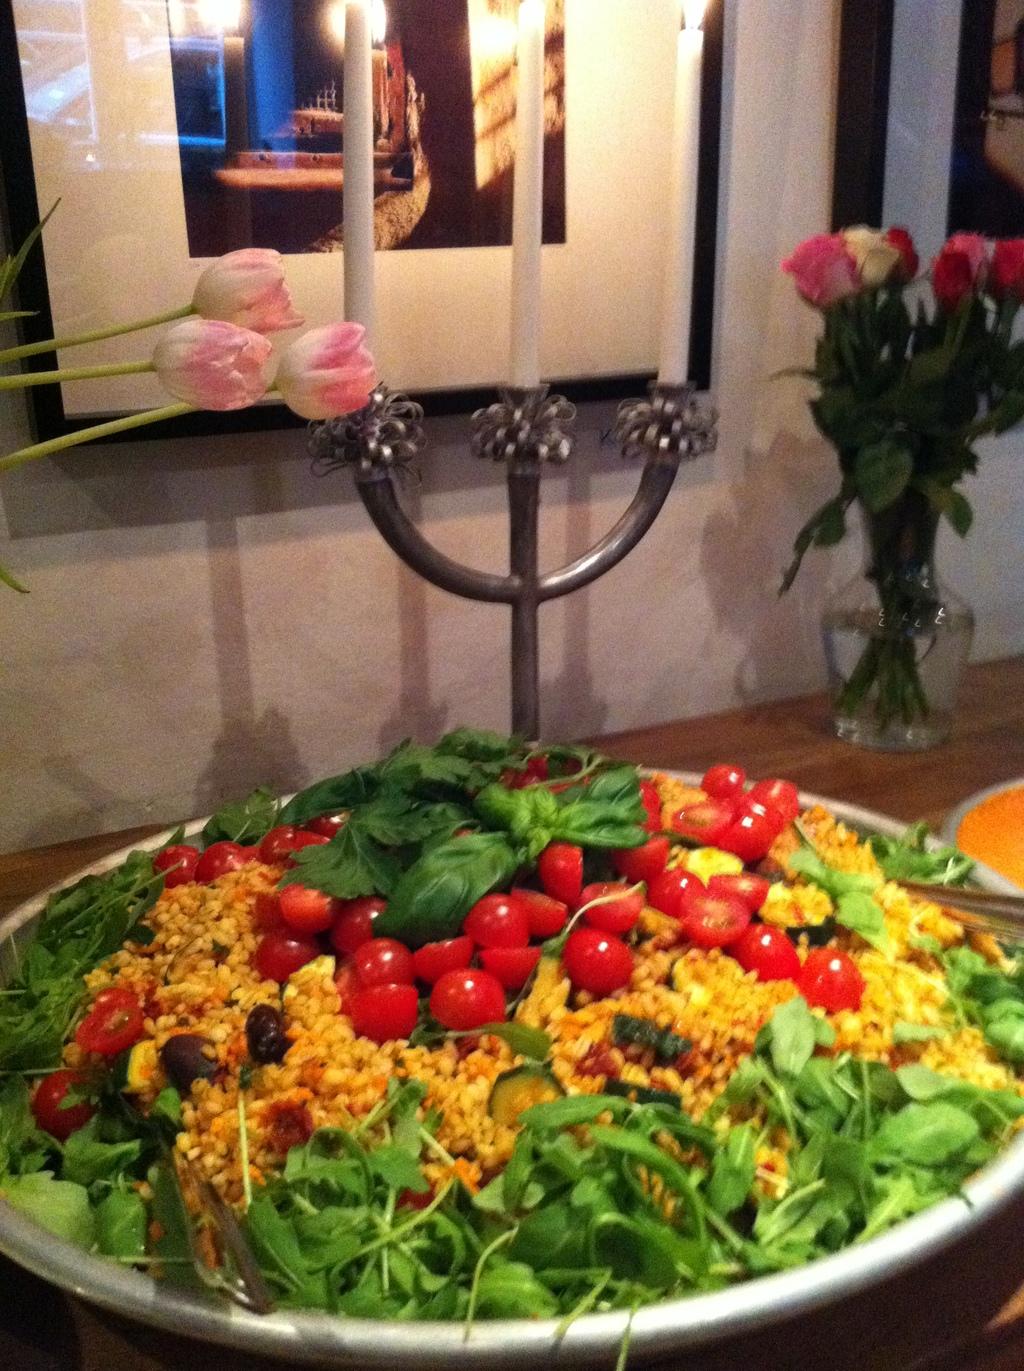 25 års fest mat Valborgsfirande och 25 års fest!   Ulrika Davidsson   kostrådgivare 25 års fest mat